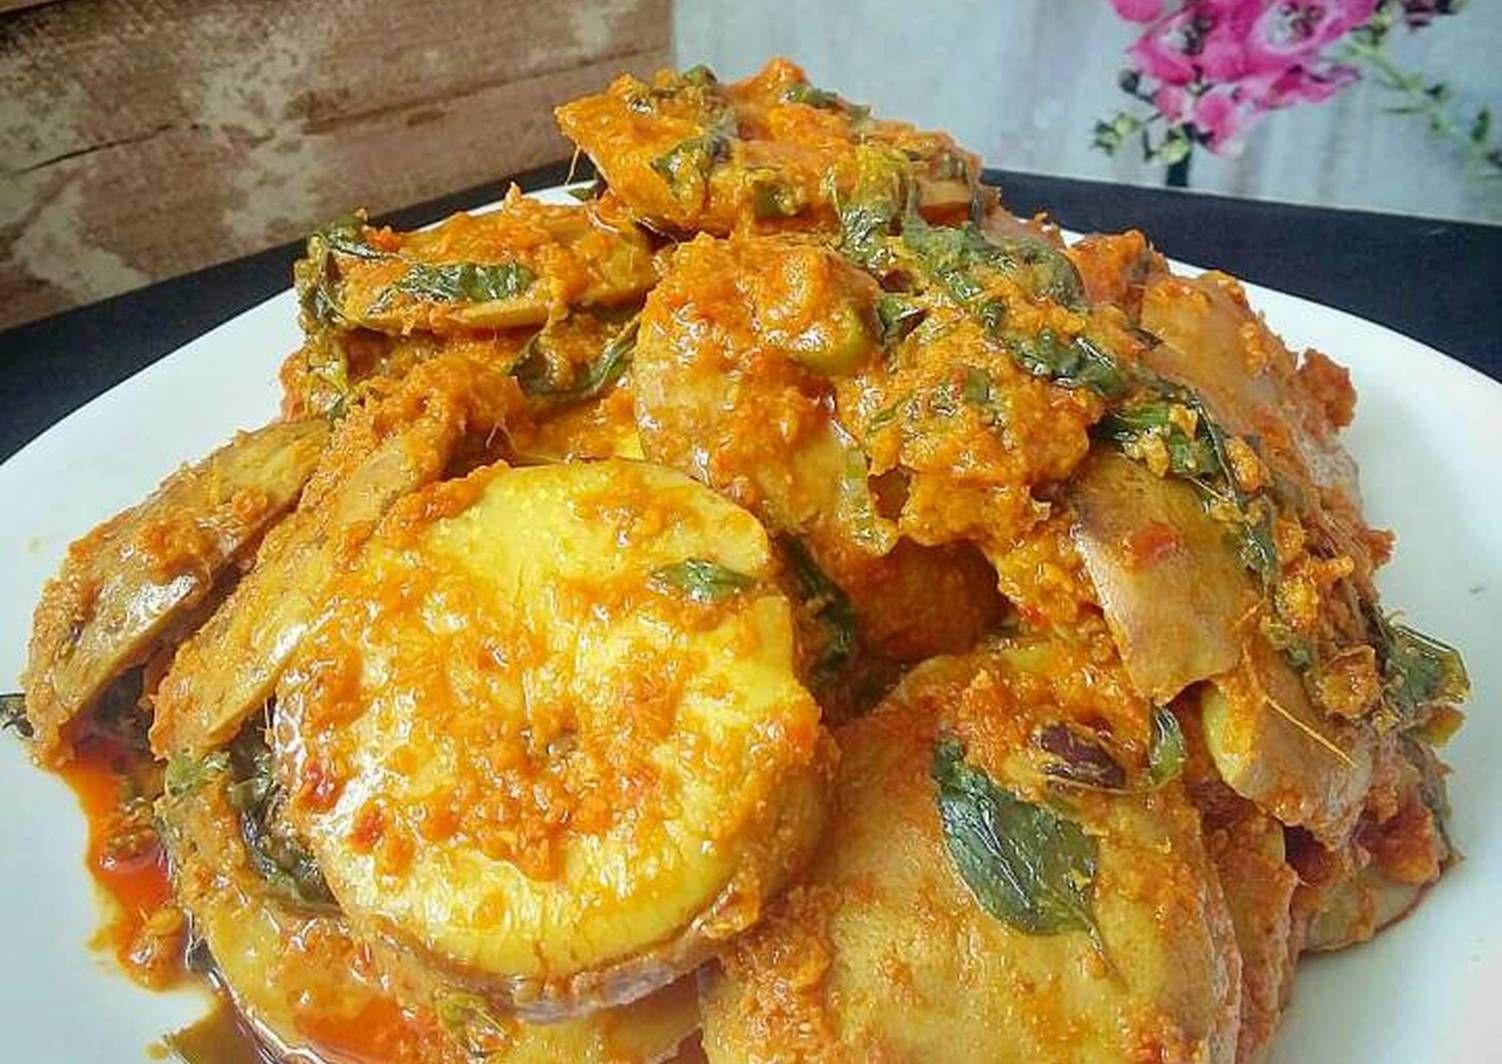 Resep Jengkol Rica Rica Oleh Susan Mellyani Resep Makanan Dan Minuman Makanan Rebusan